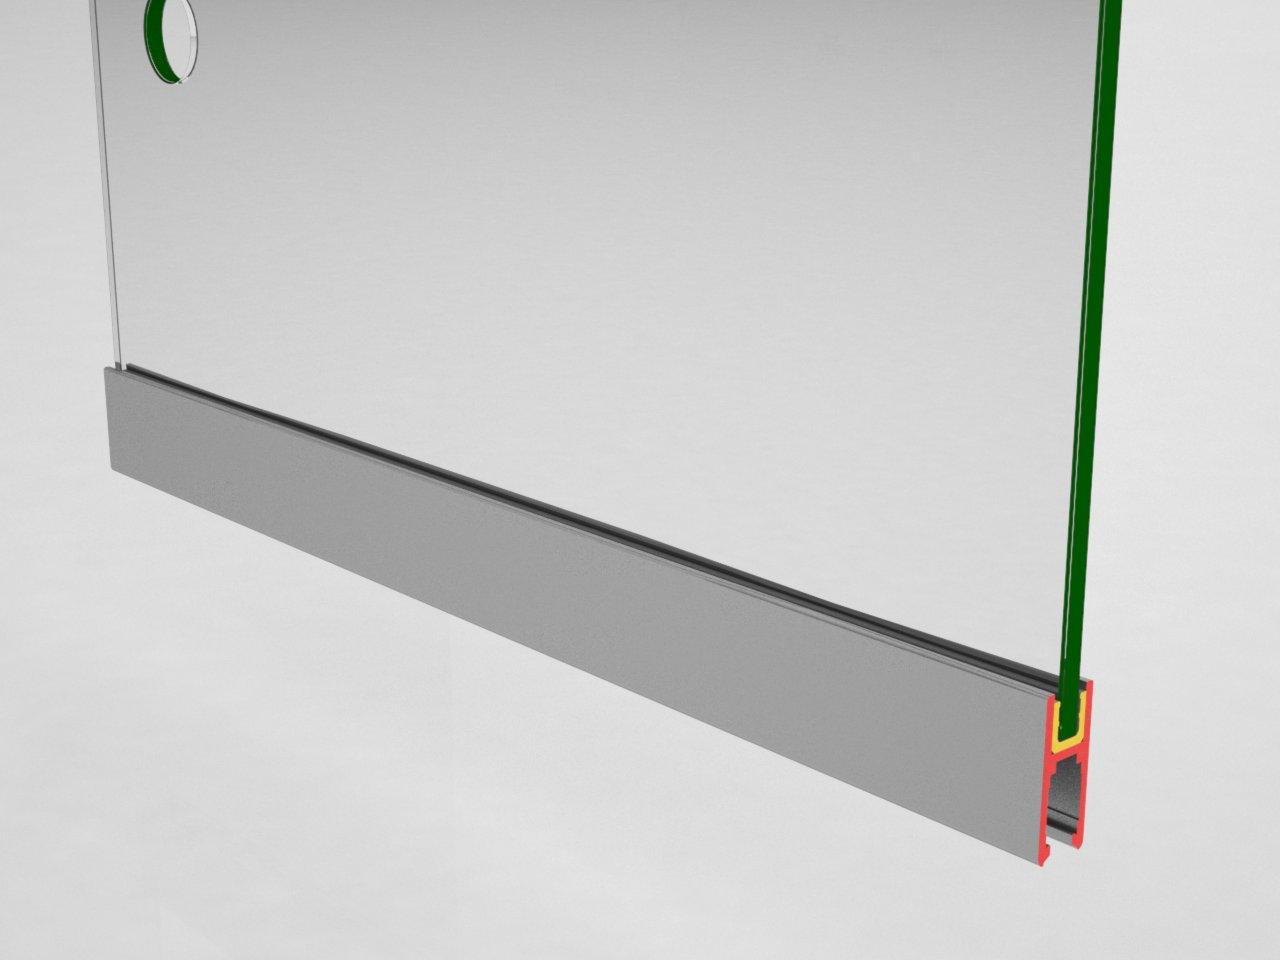 Detalhe do encaixe do perfil V327 para adaptação e proteção do vidro no sistema de porta de correr